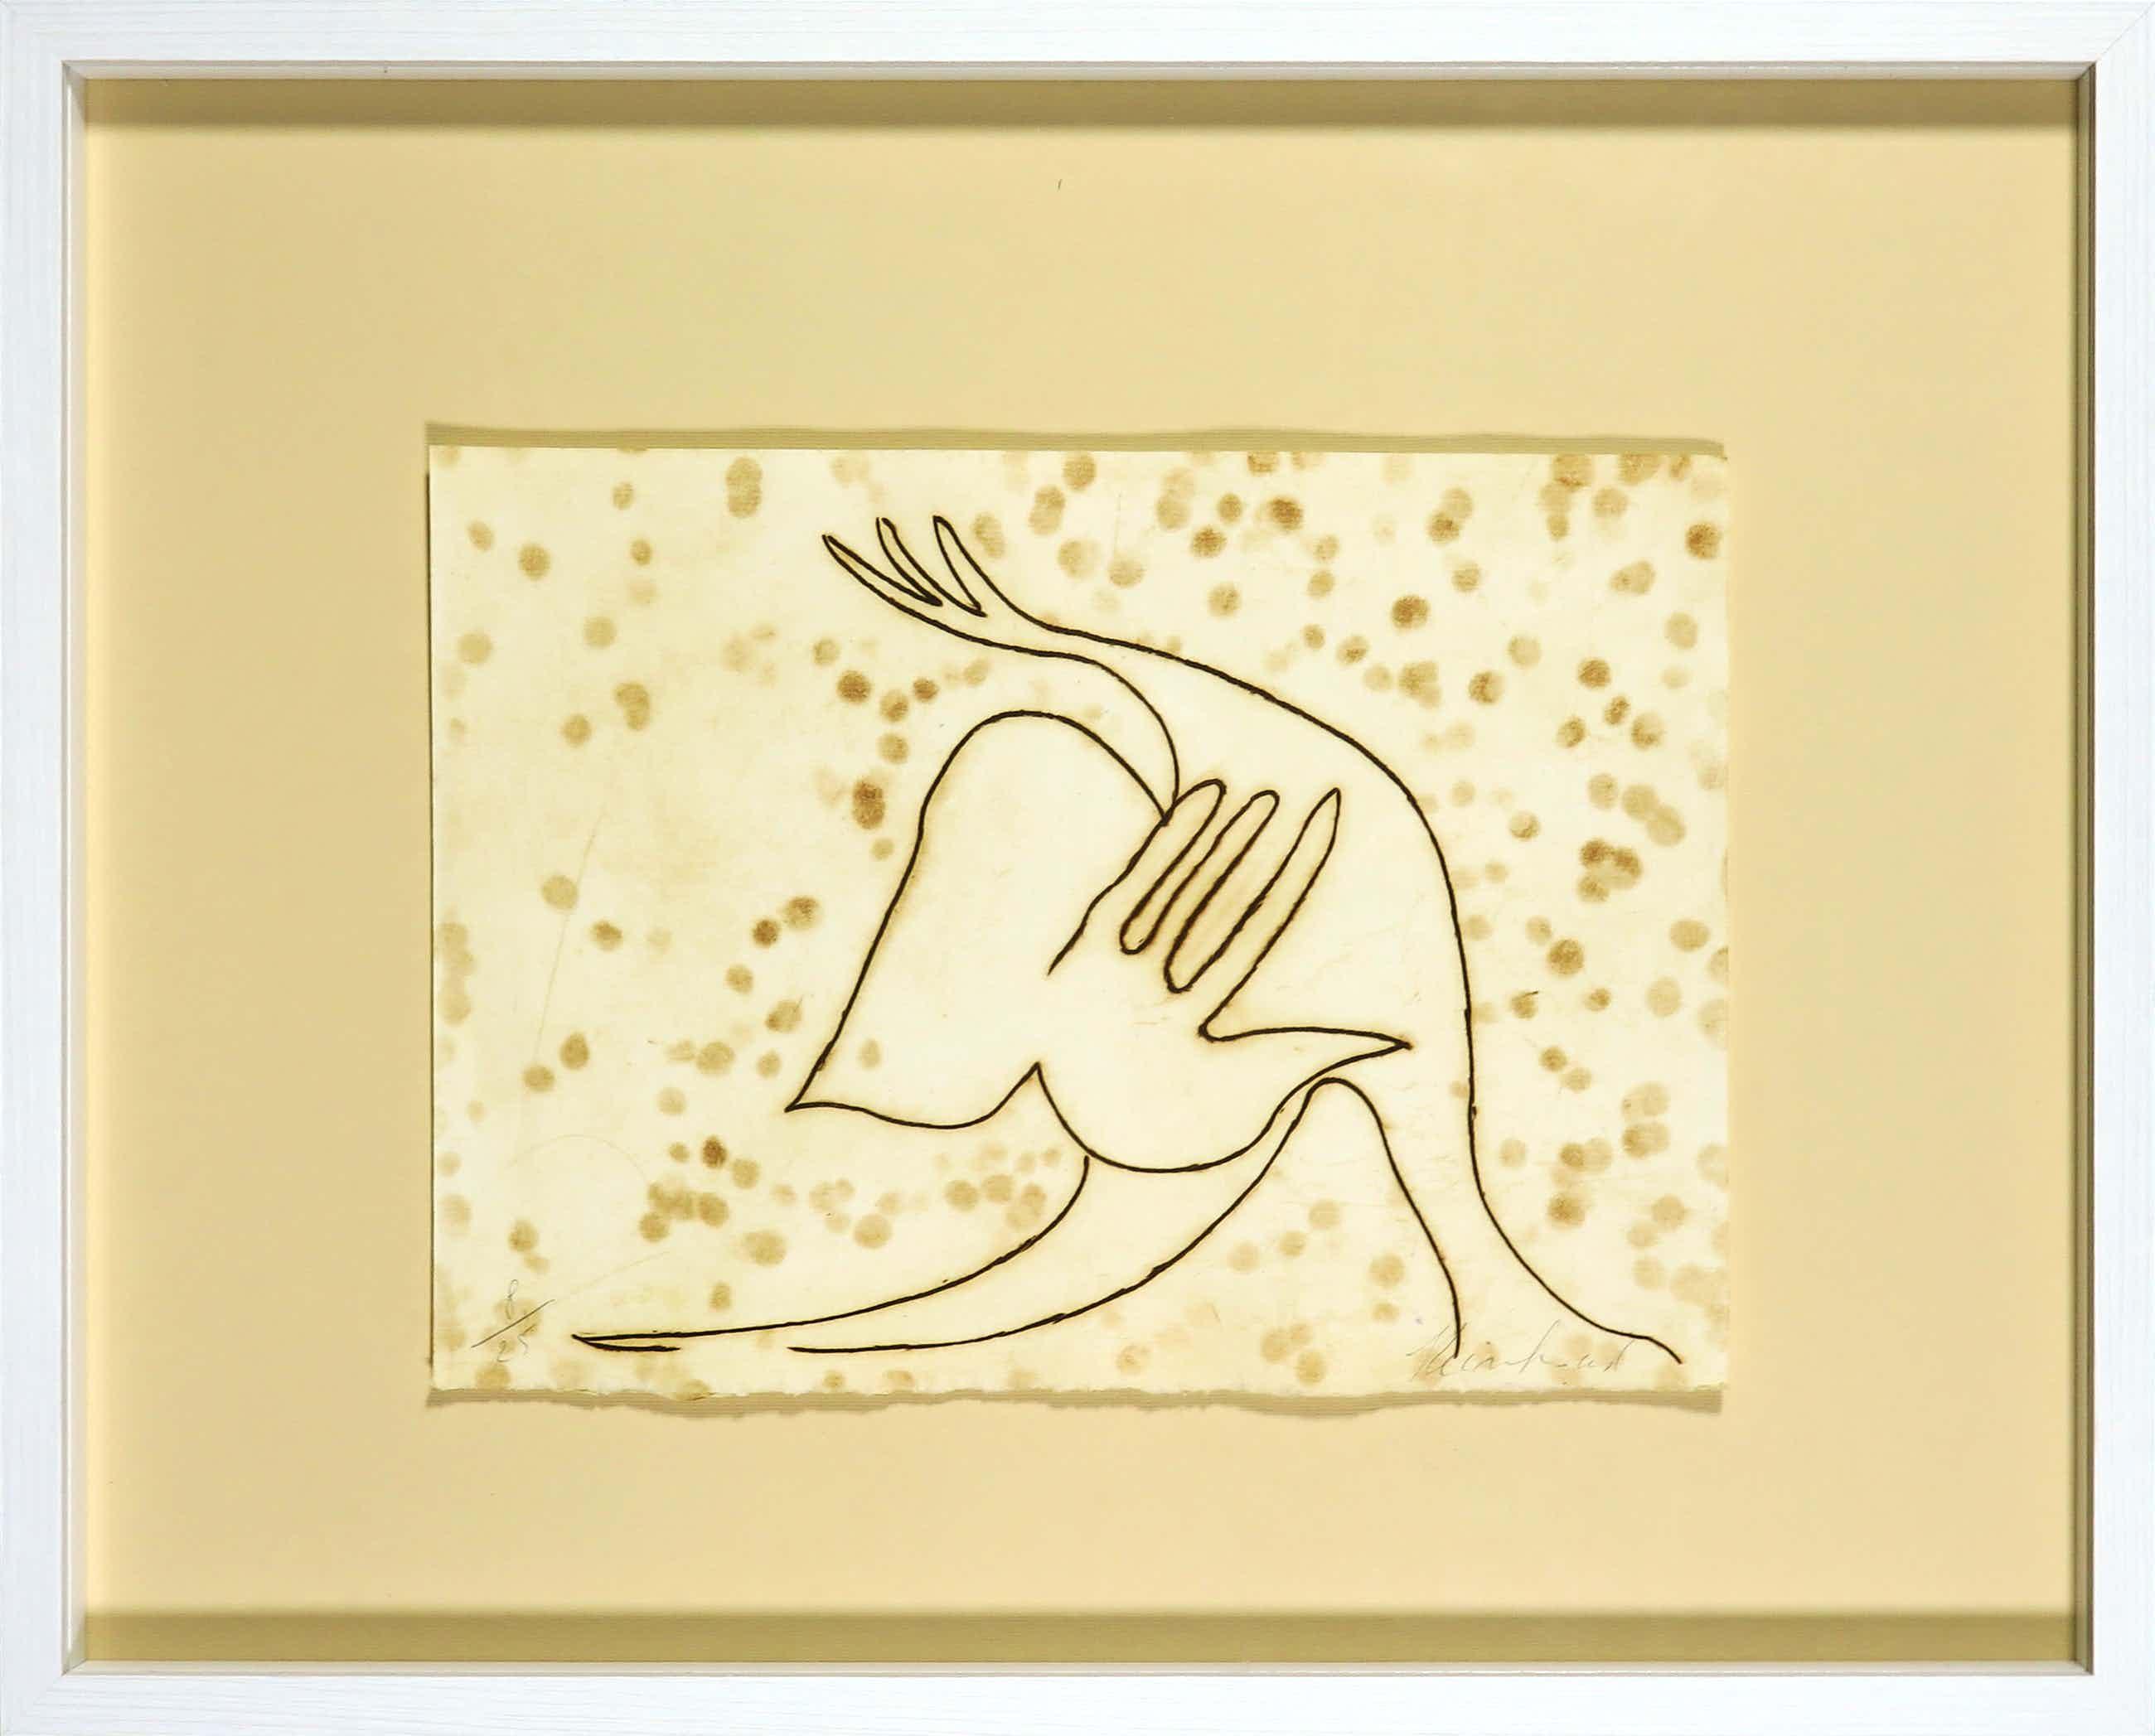 Reinhoud D'Haese - Ets uitgegeven door Avant Galleries New York - Ingelijst kopen? Bied vanaf 90!